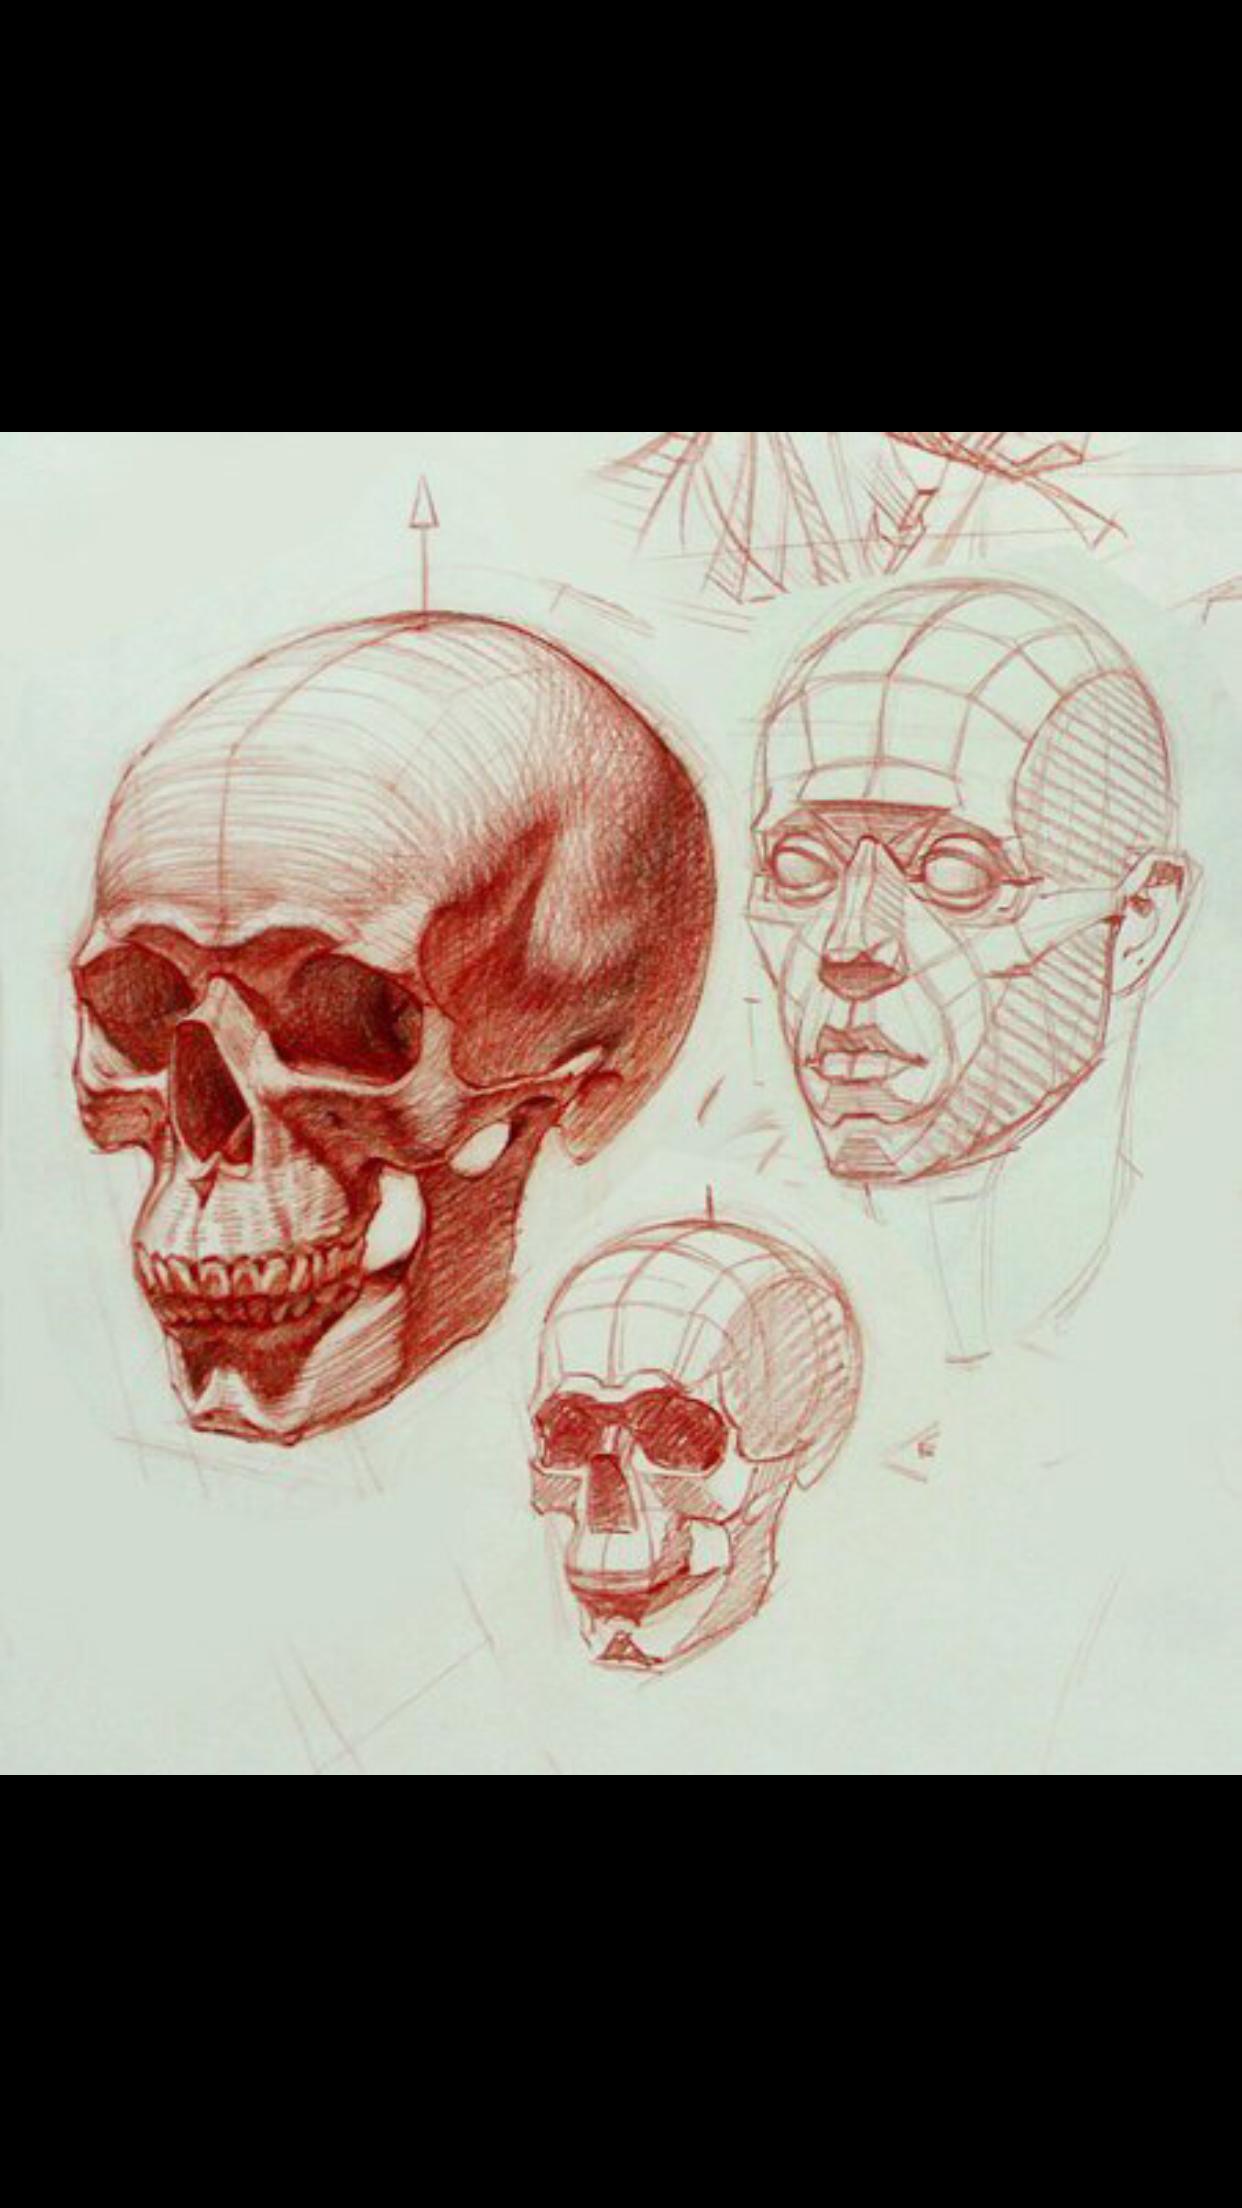 Pin by Annenkova Marie on Анатомия | Pinterest | Drawings